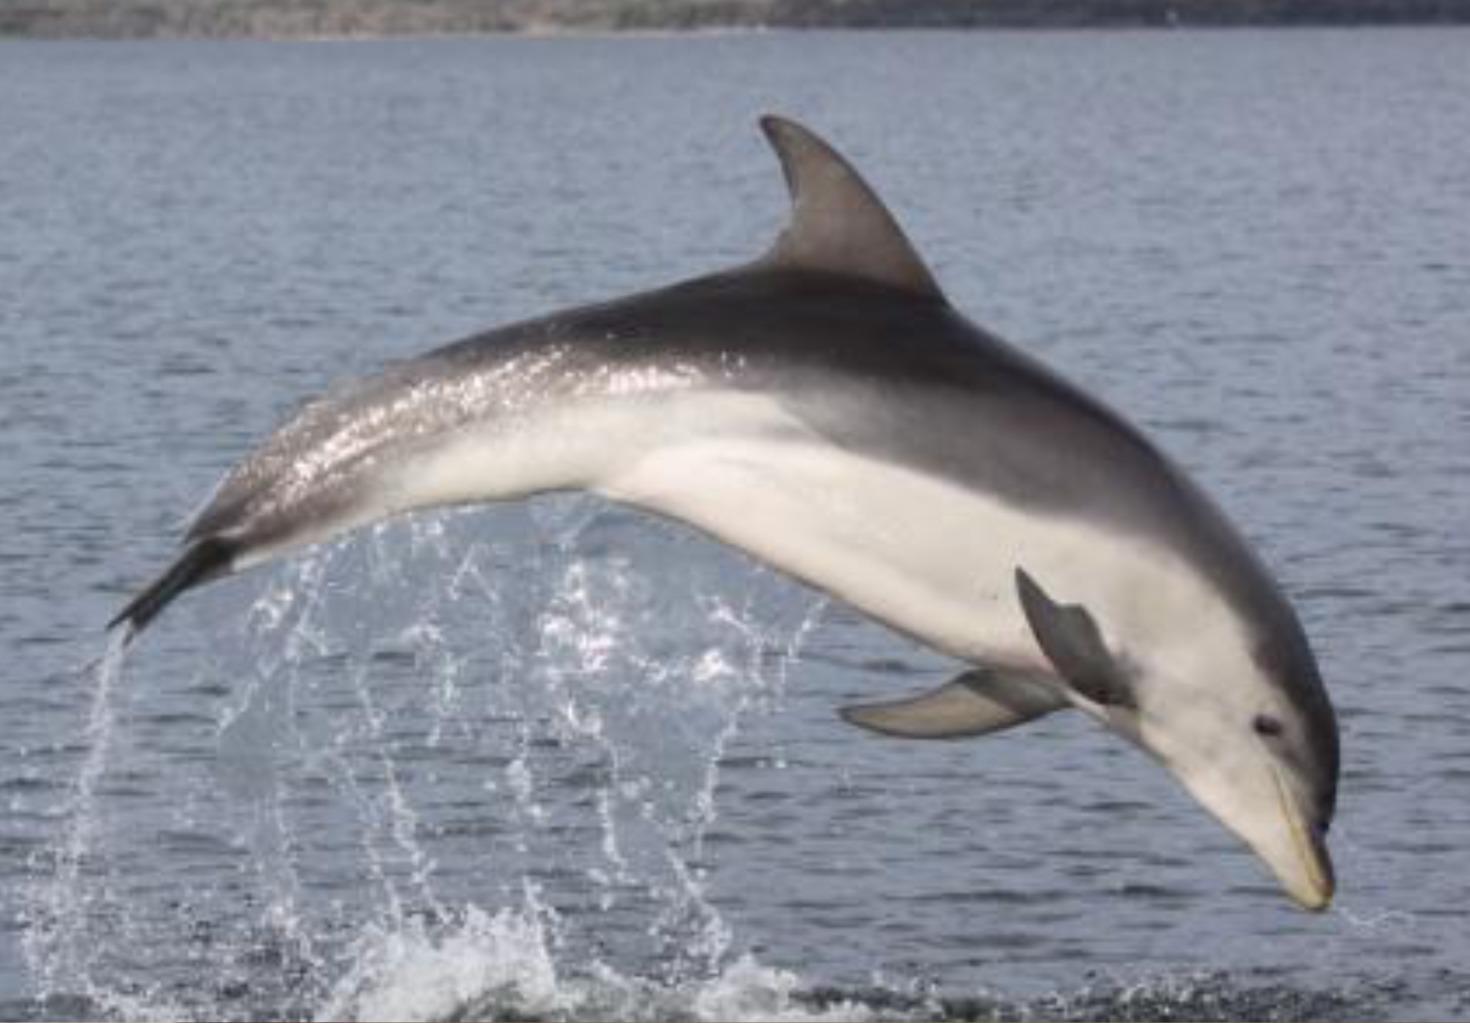 Image of Burrunan Dolphin